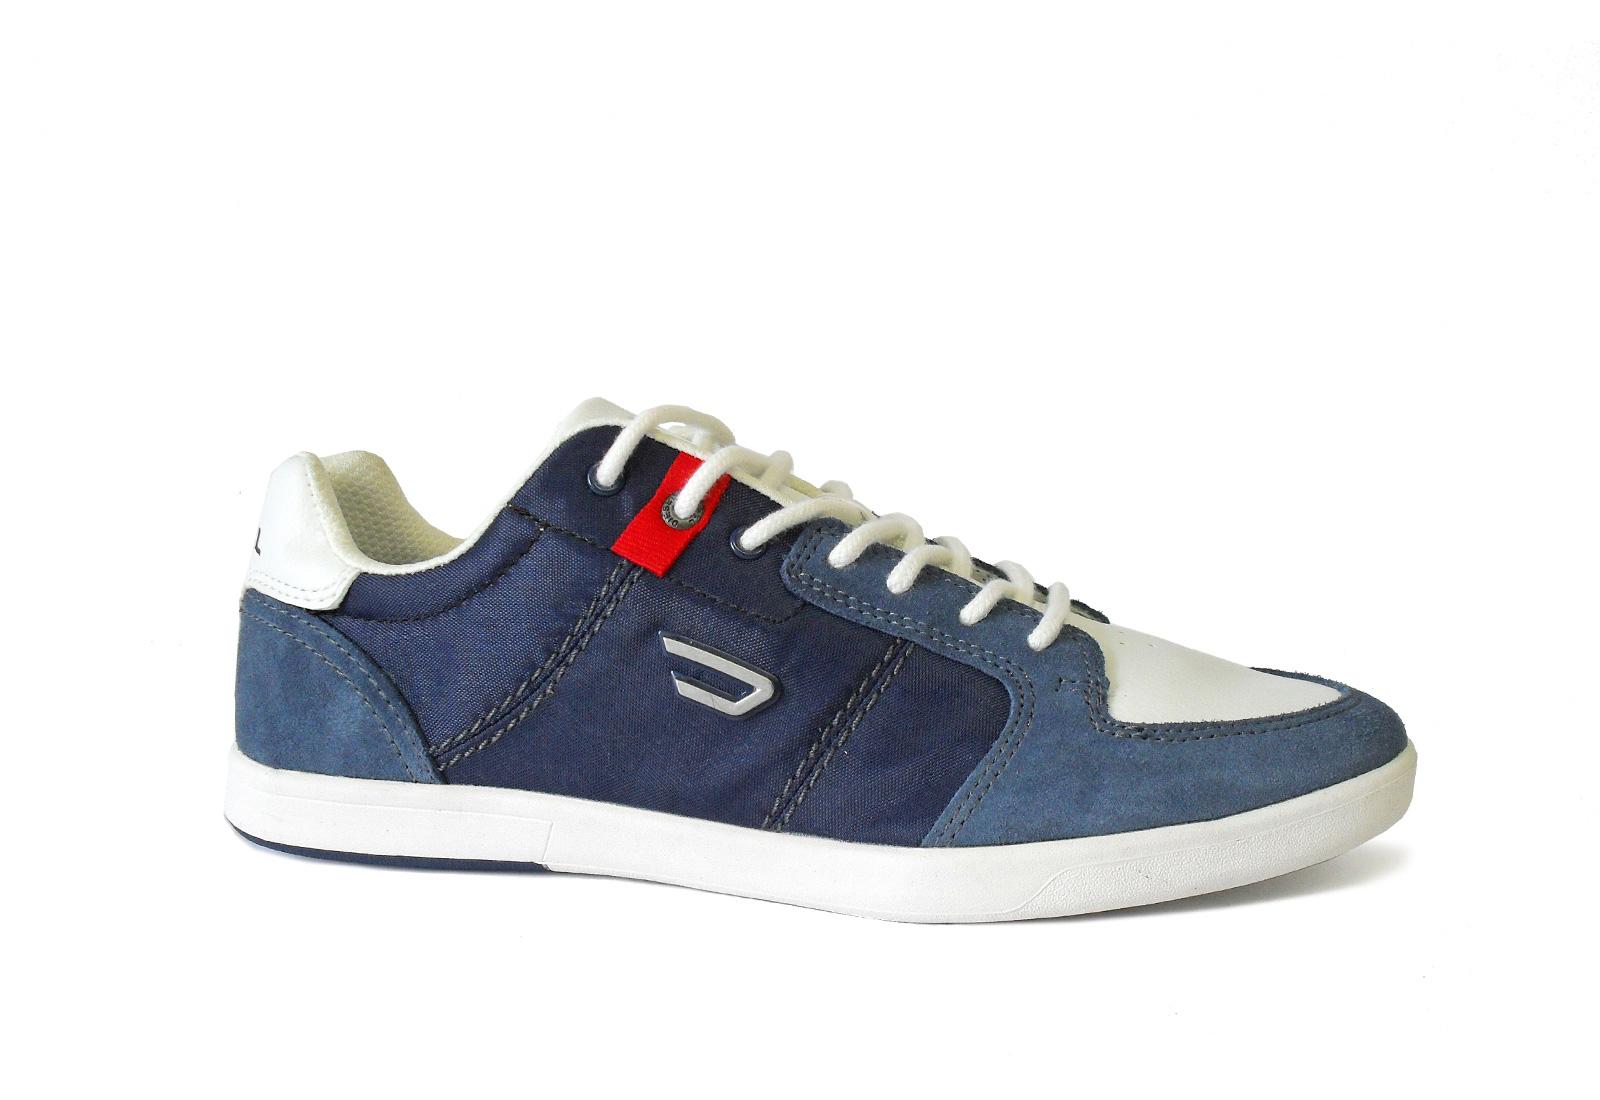 Diesel Shoes Online Shop